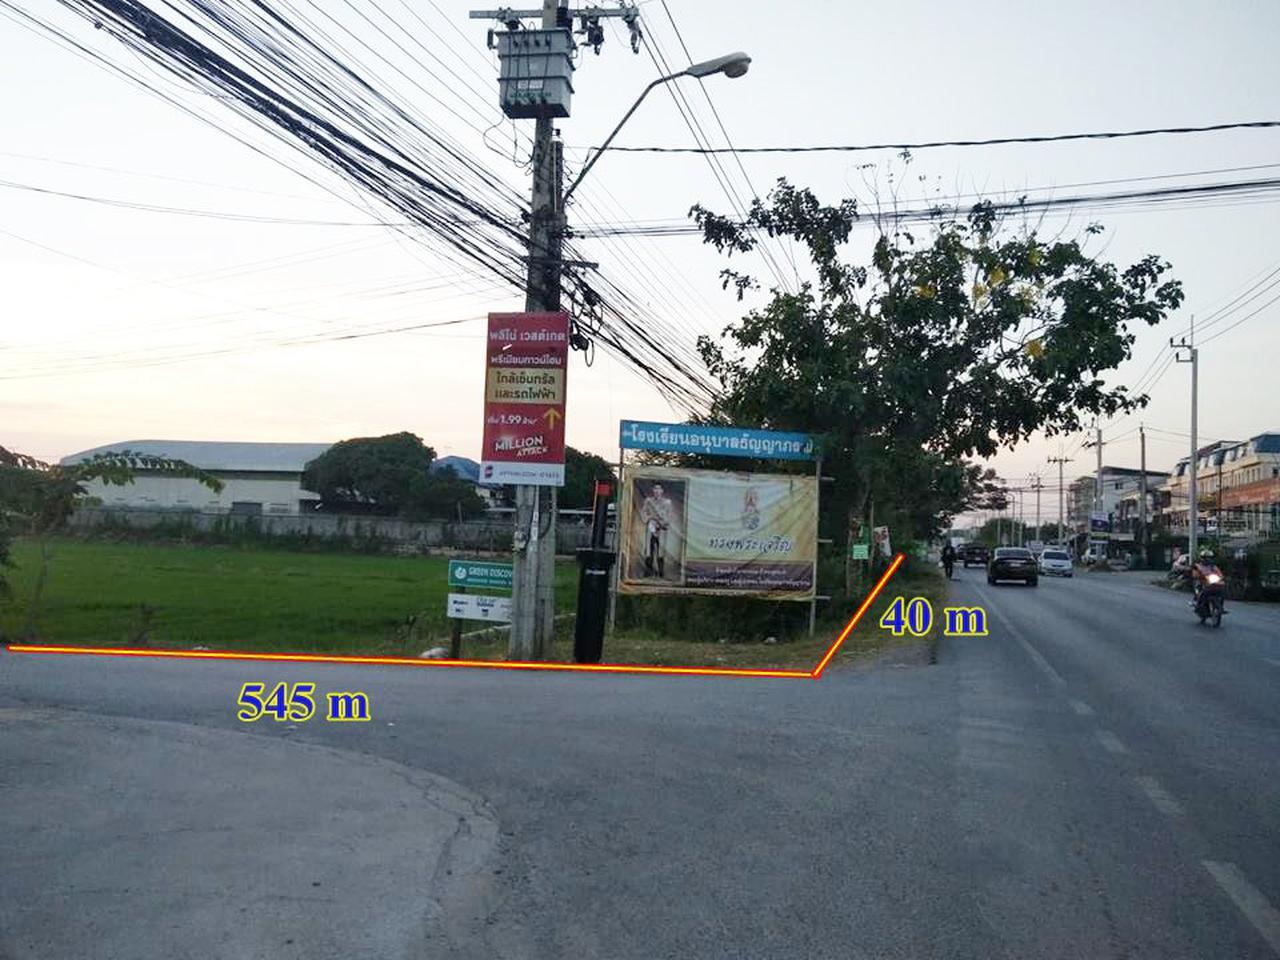 ขายที่ดินไทรน้อย 12 ไร่ เขตบางบัวทอง นนทบุรี ติดถนนบ้านกล้วย-ไทรน้อย เส้น 1013 อยู่ในเขตพื้นที่สีเหลือง เห รูปที่ 4